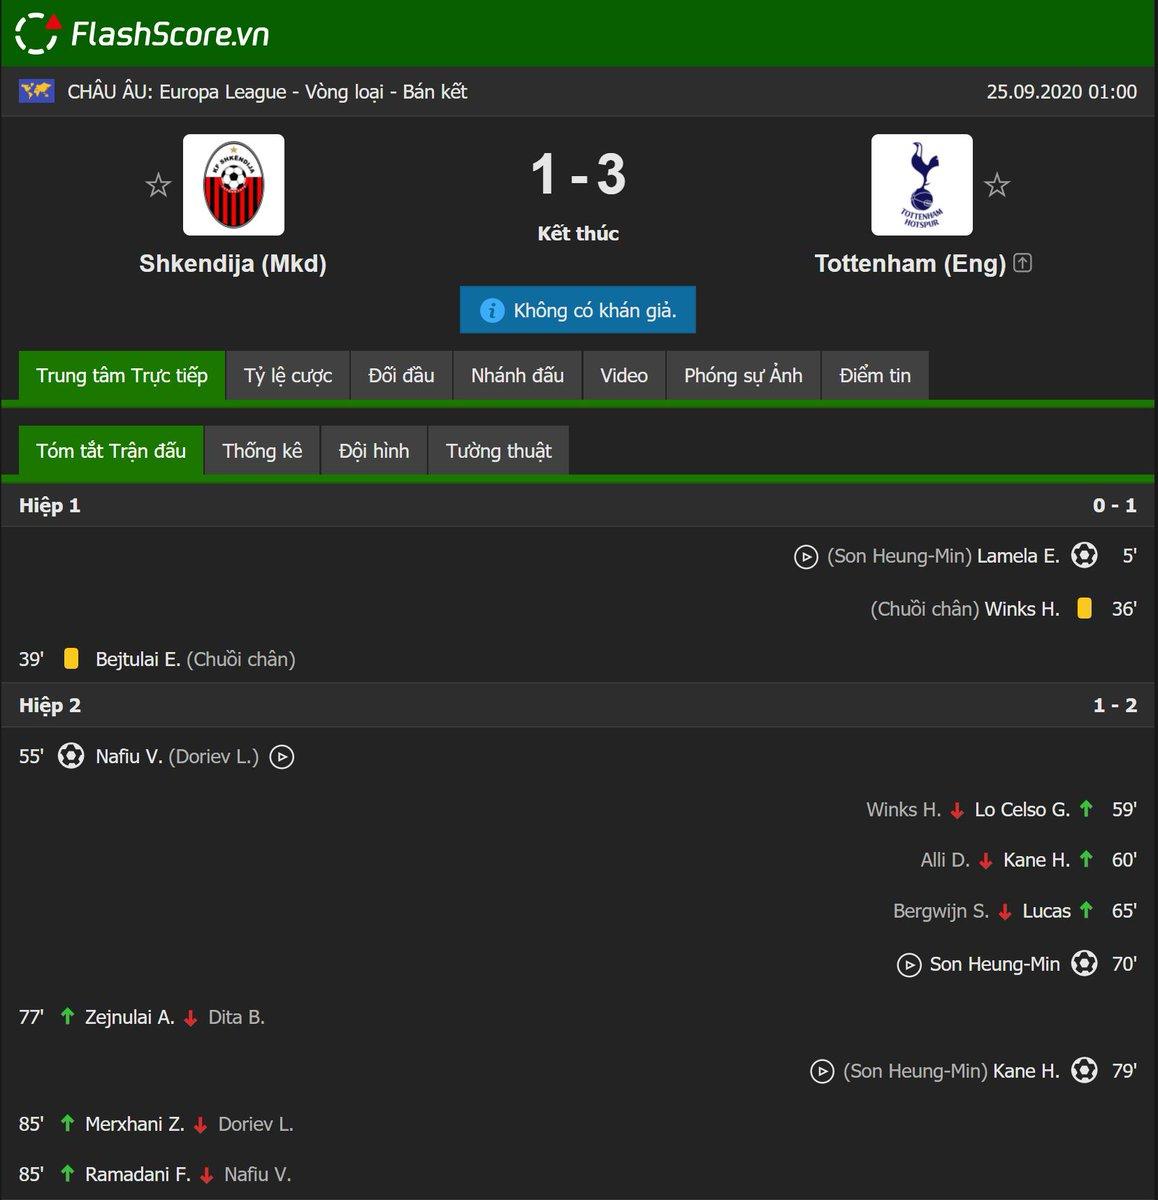 Son Heung Min tiếp tục bay cao với 1 bàn thắng và 1 kiến tạo, giúp Tottenham thắng Shkendija với tỉ số 3-1, từ đó vượt qua vòng loại thứ 3 của Europa League! https://t.co/MnYP2gXyOw